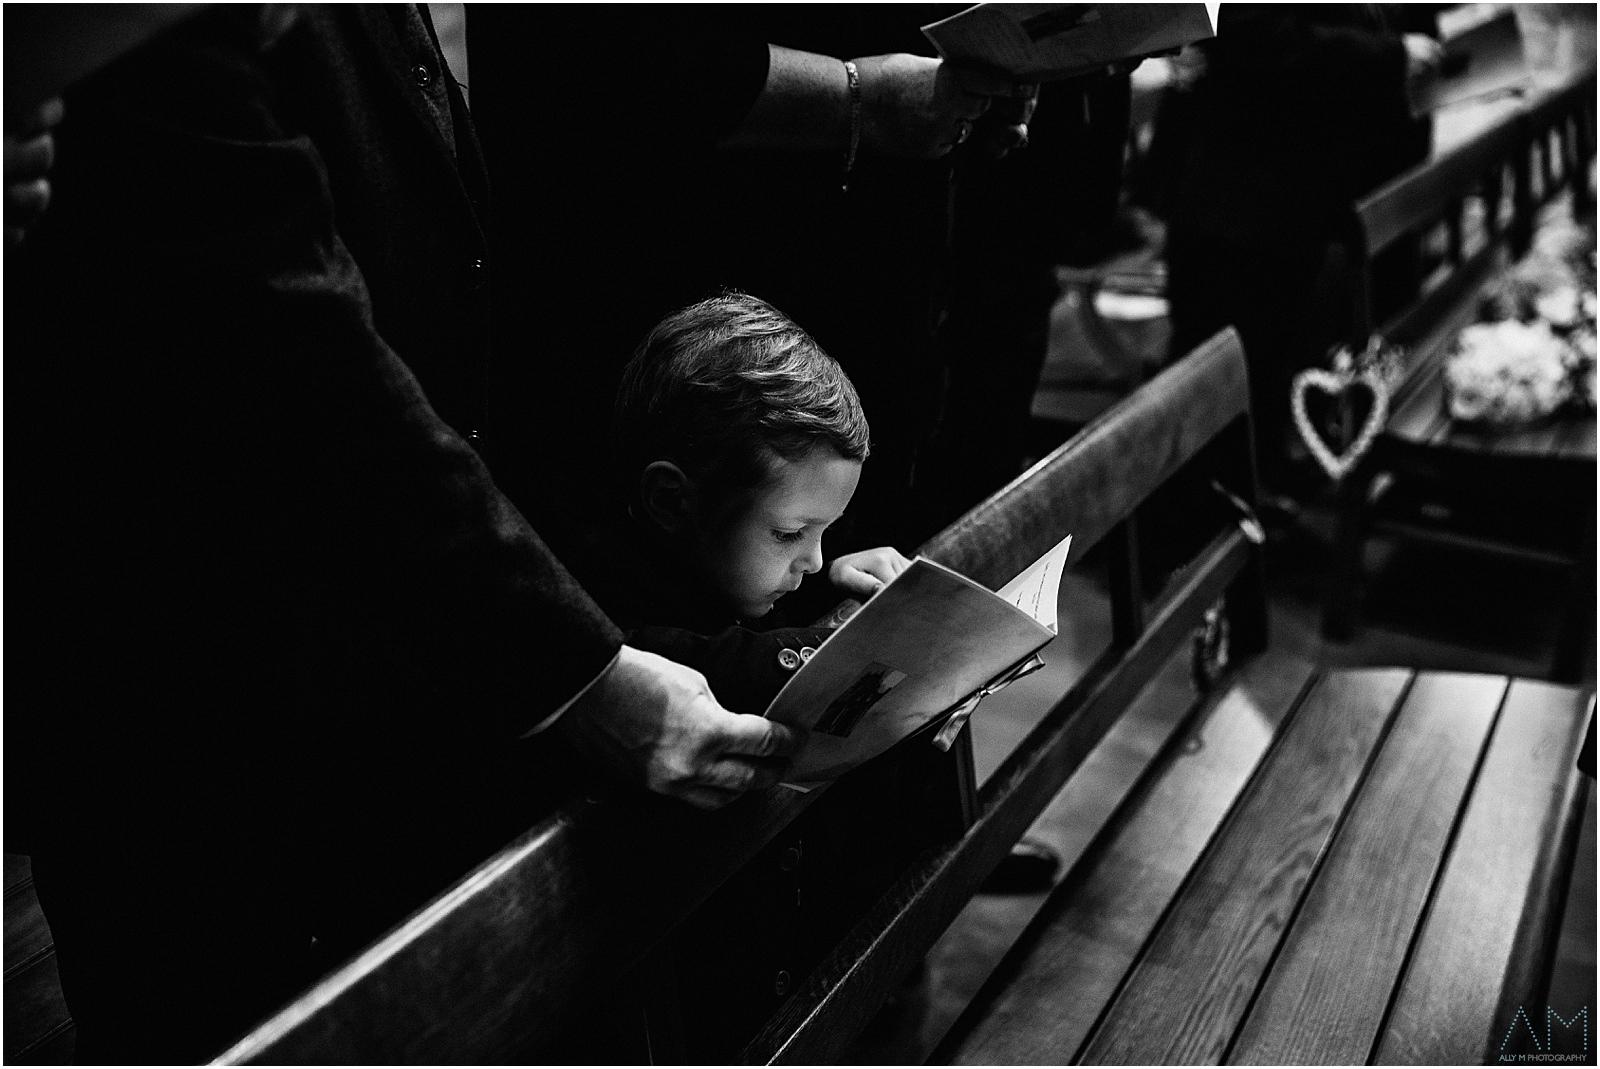 Little boy singing in church